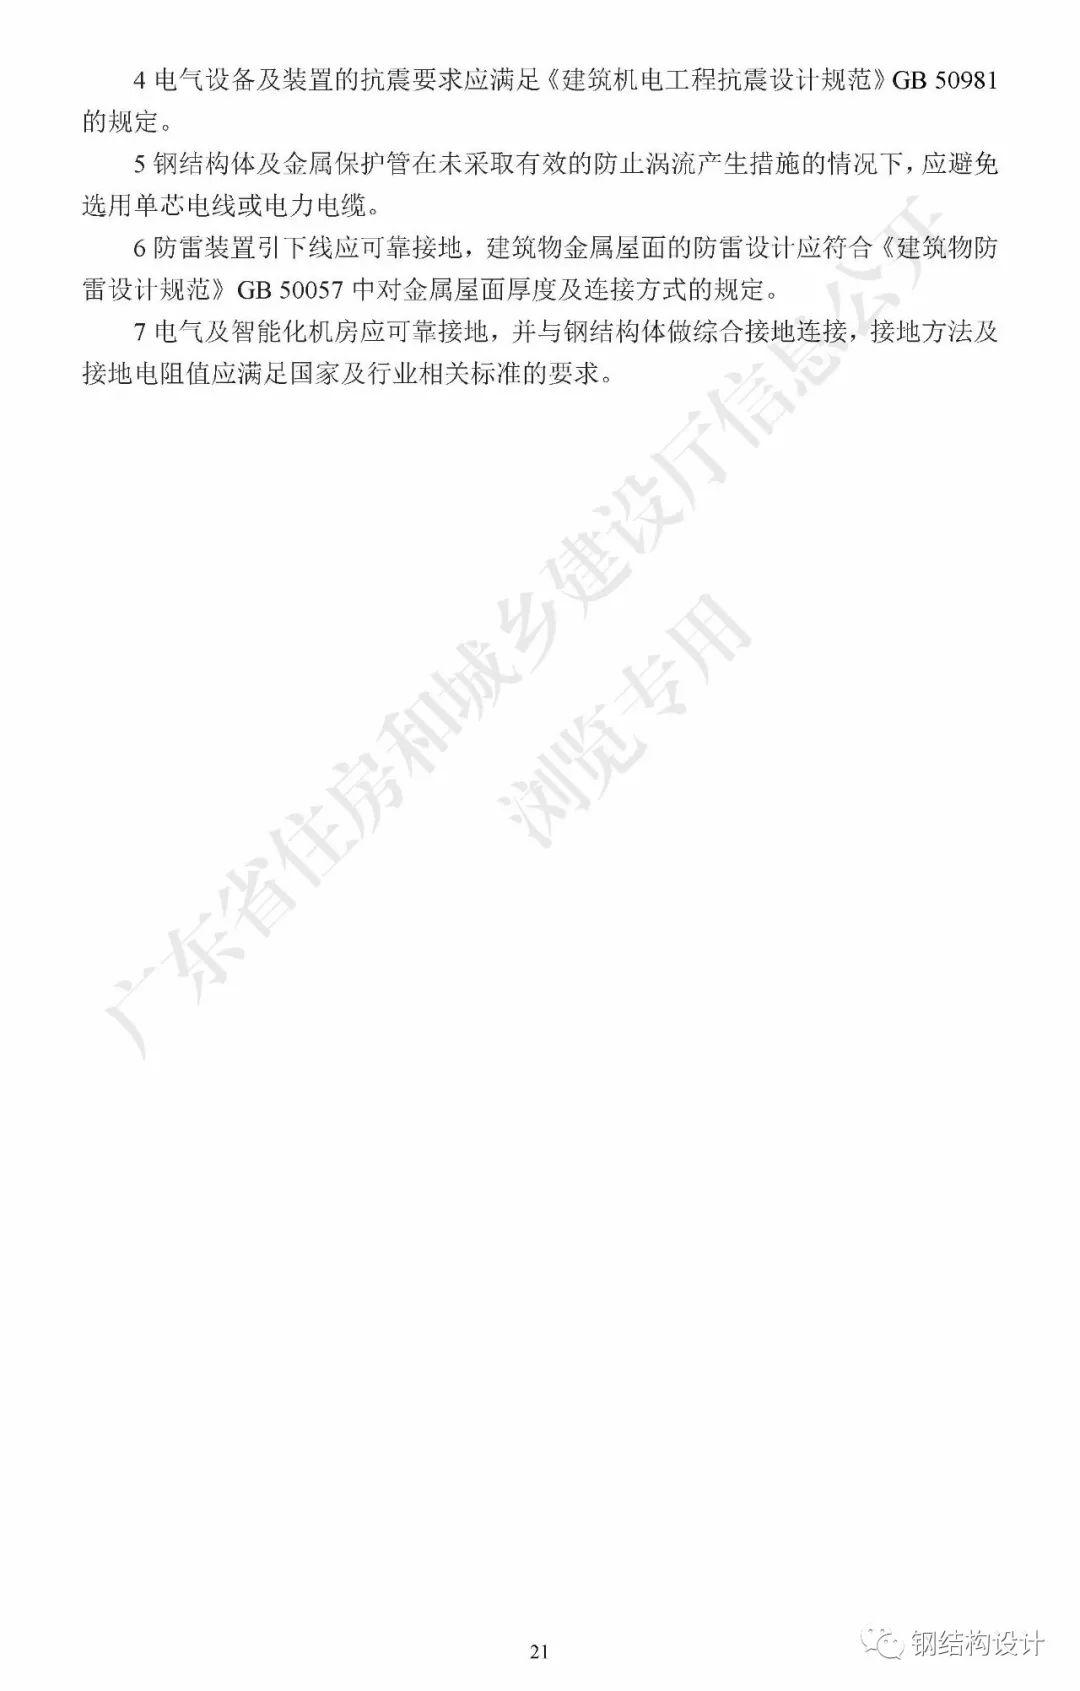 广东省《装配式钢结构建筑技术规程》发布_31